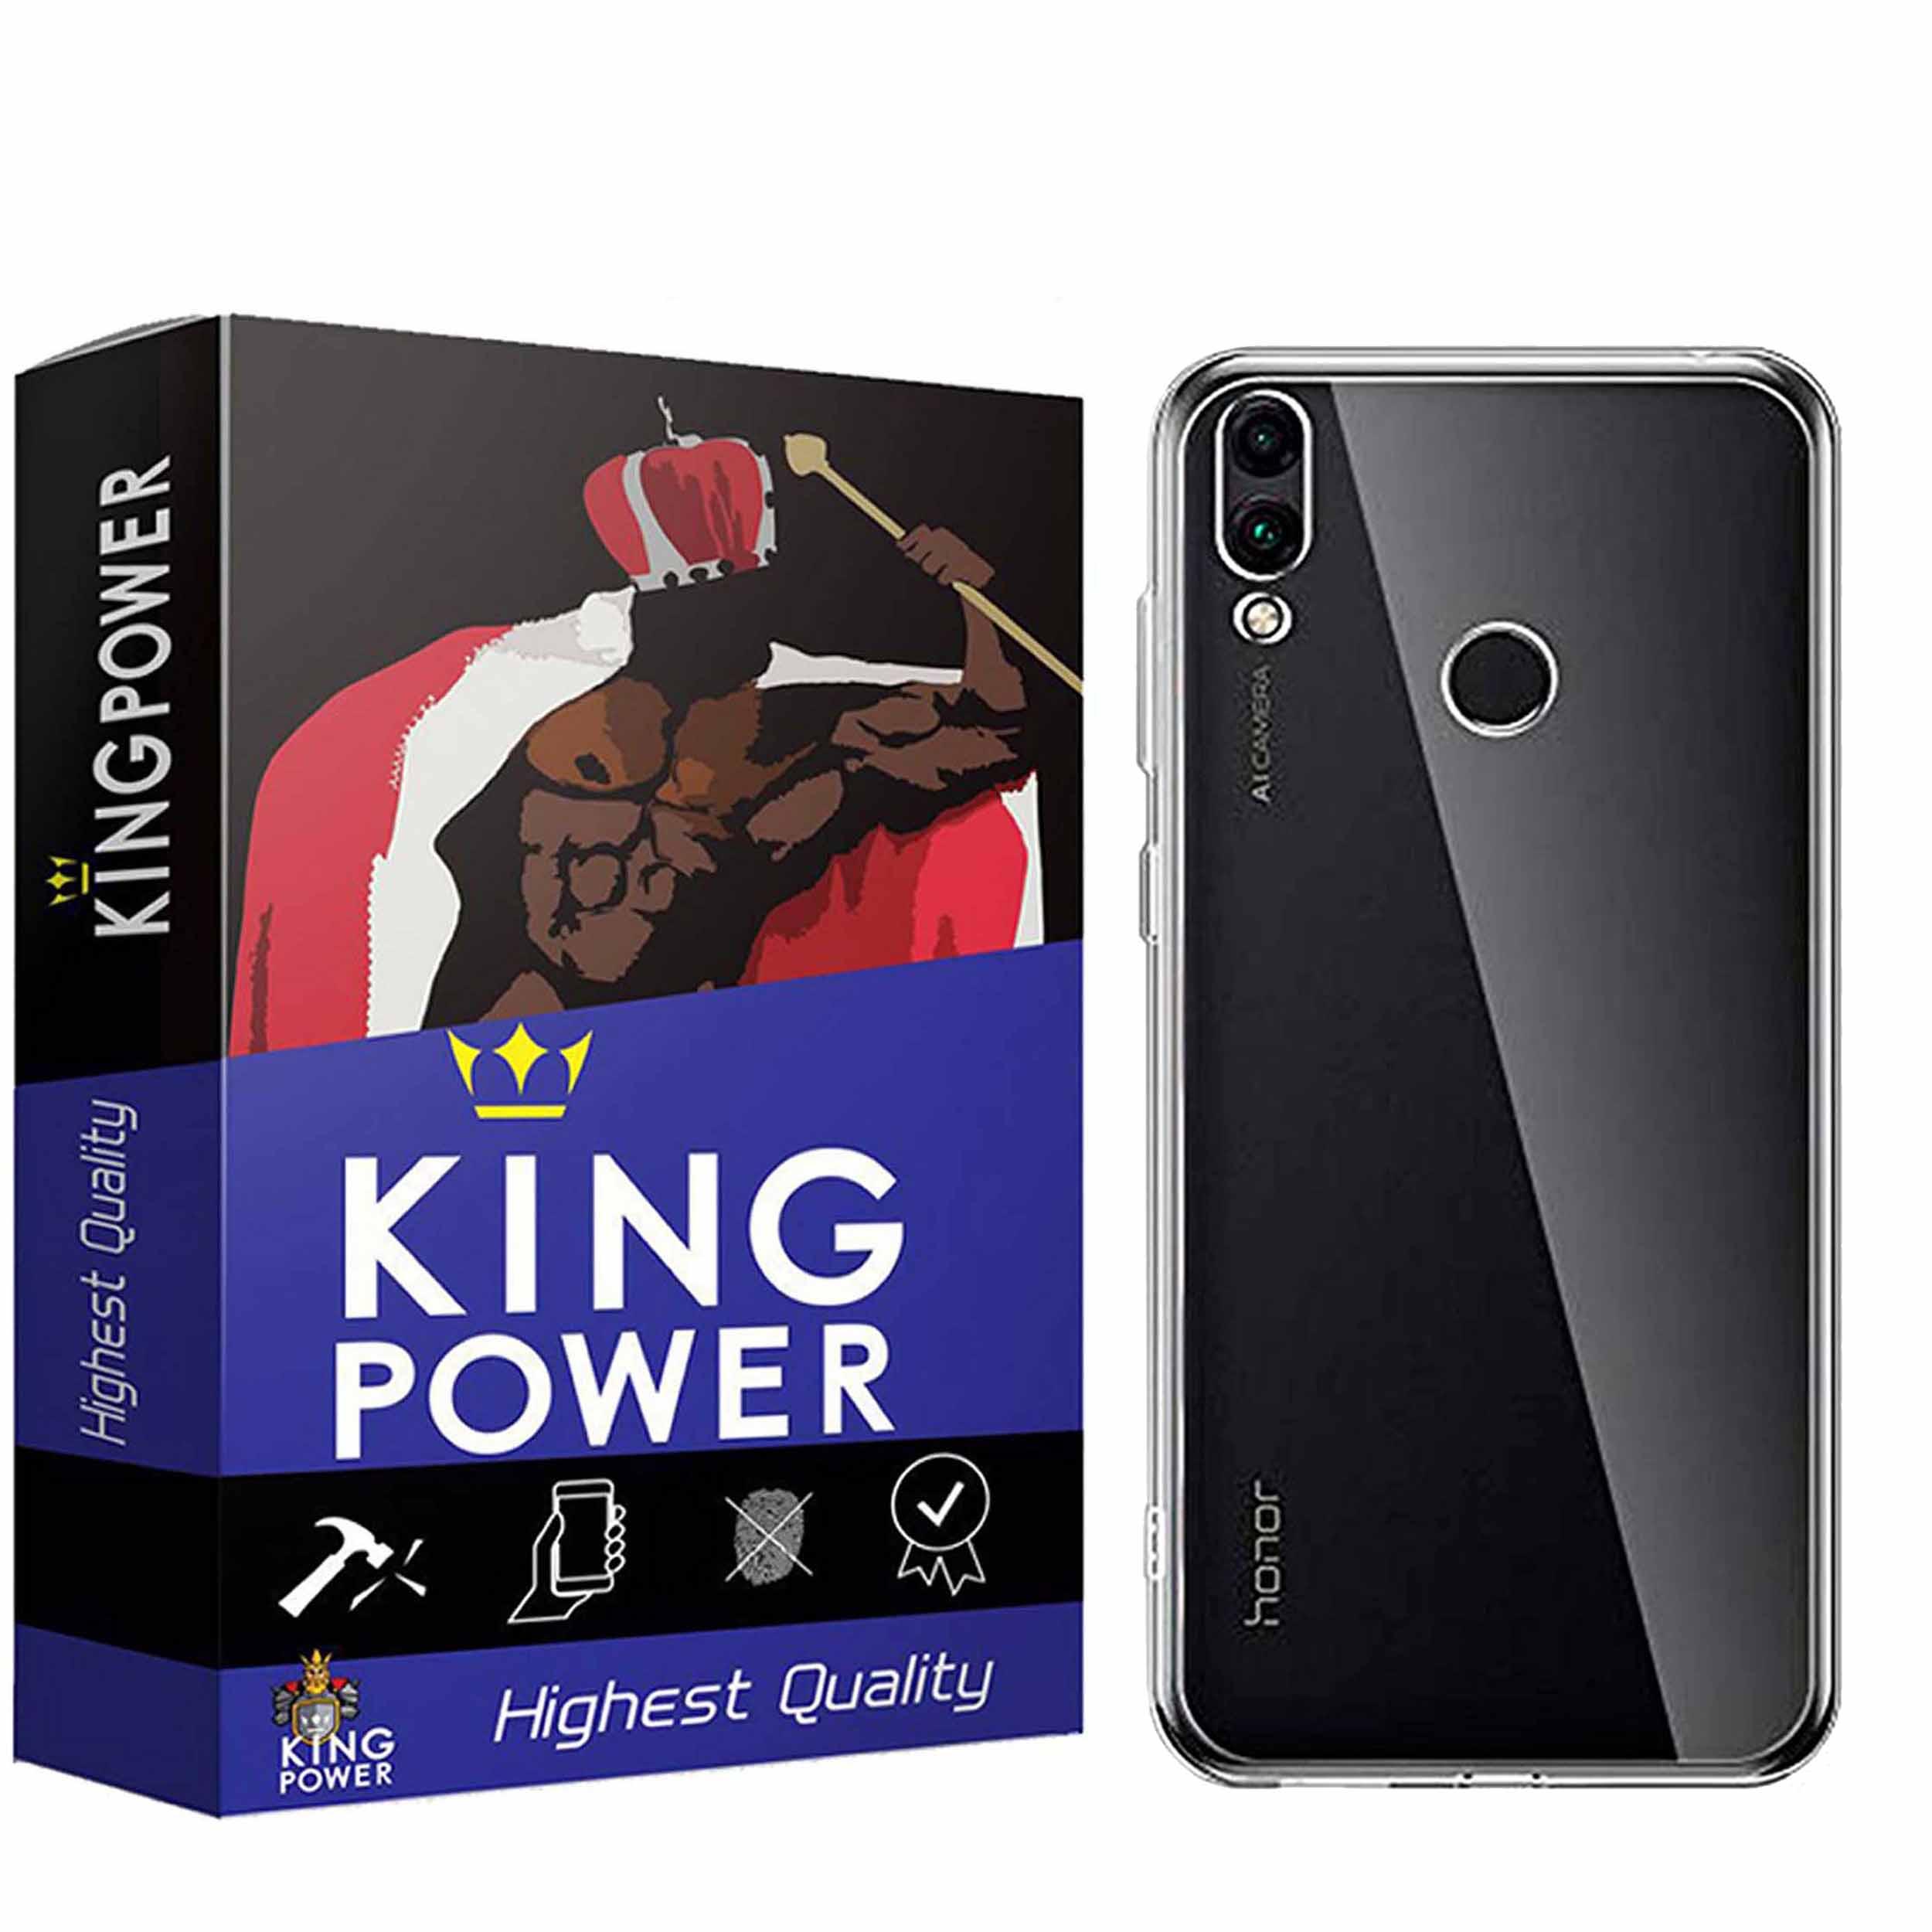 کاور کینگ پاور مدل T21 مناسب برای گوشی موبایل آنر 8C